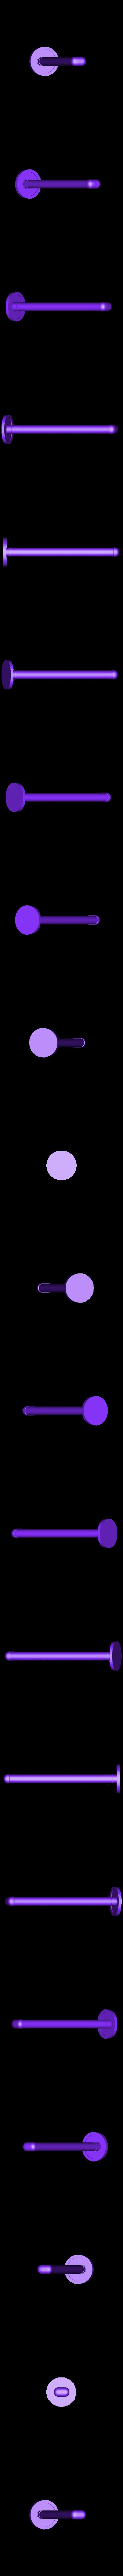 Handle.stl Télécharger fichier STL gratuit Katana basique • Plan imprimable en 3D, ChaosCoreTech